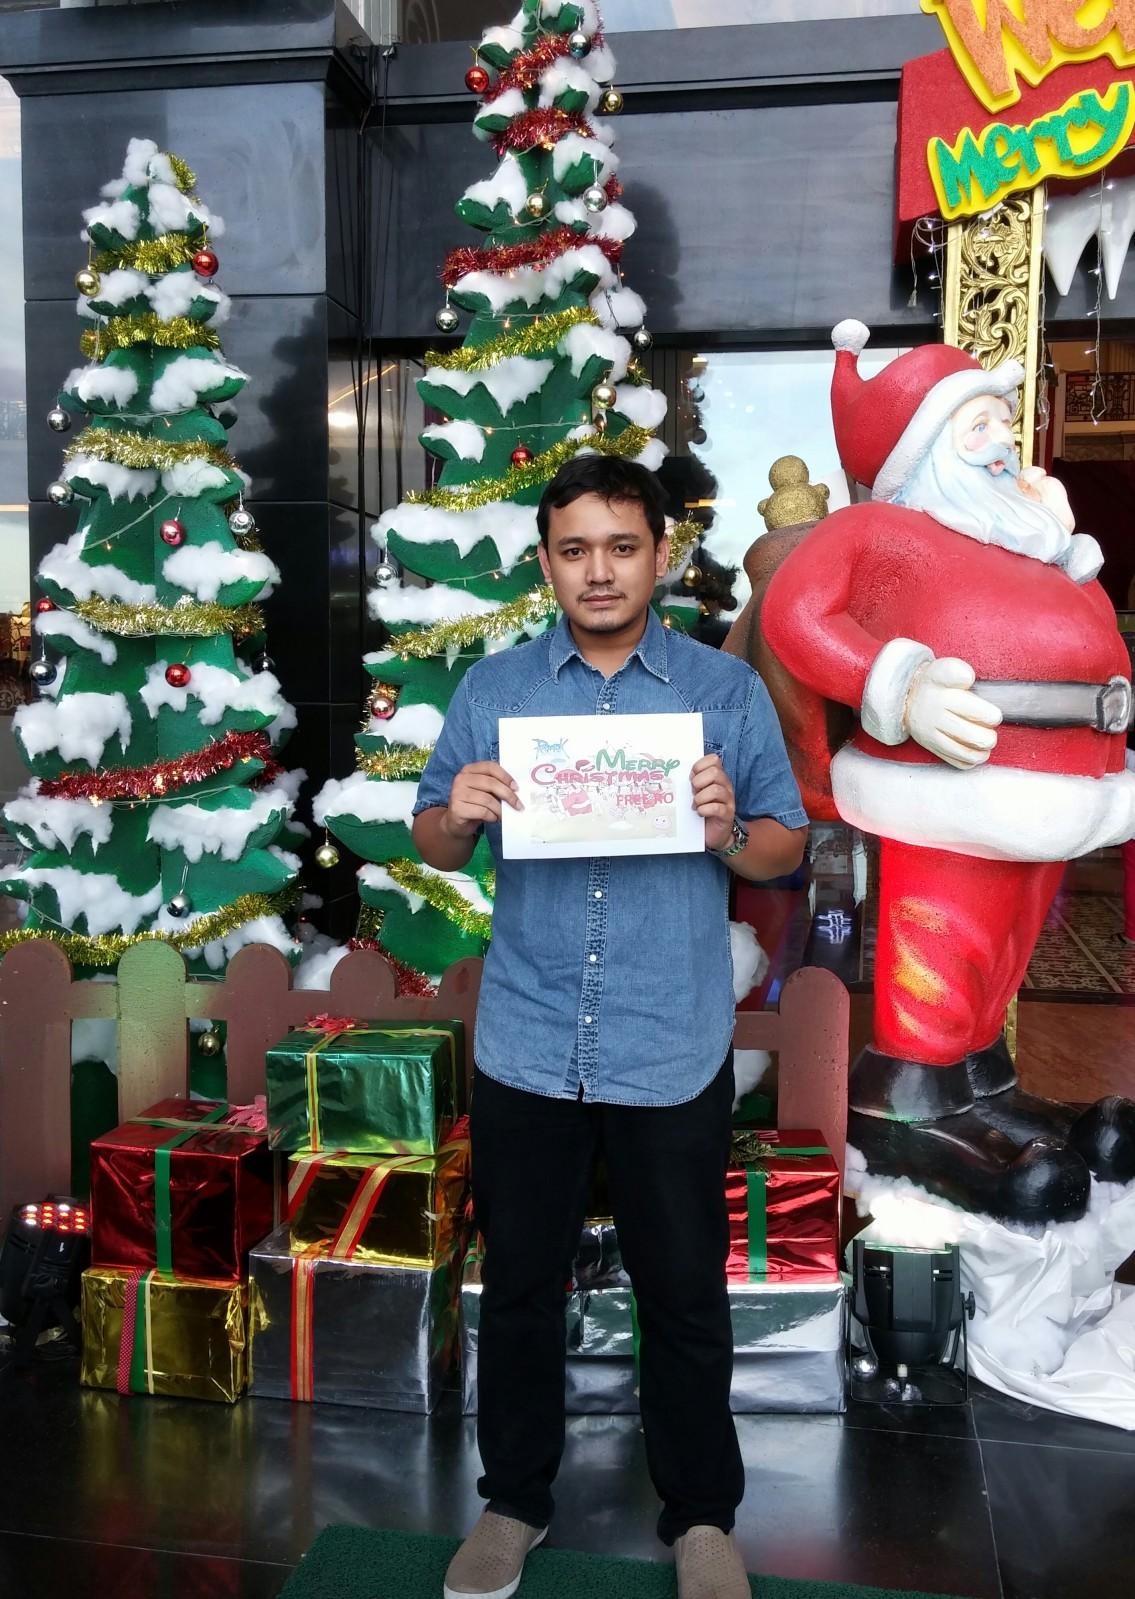 Pemenang Event Foto Asli Natal dan tahun baru 2014 Asli142